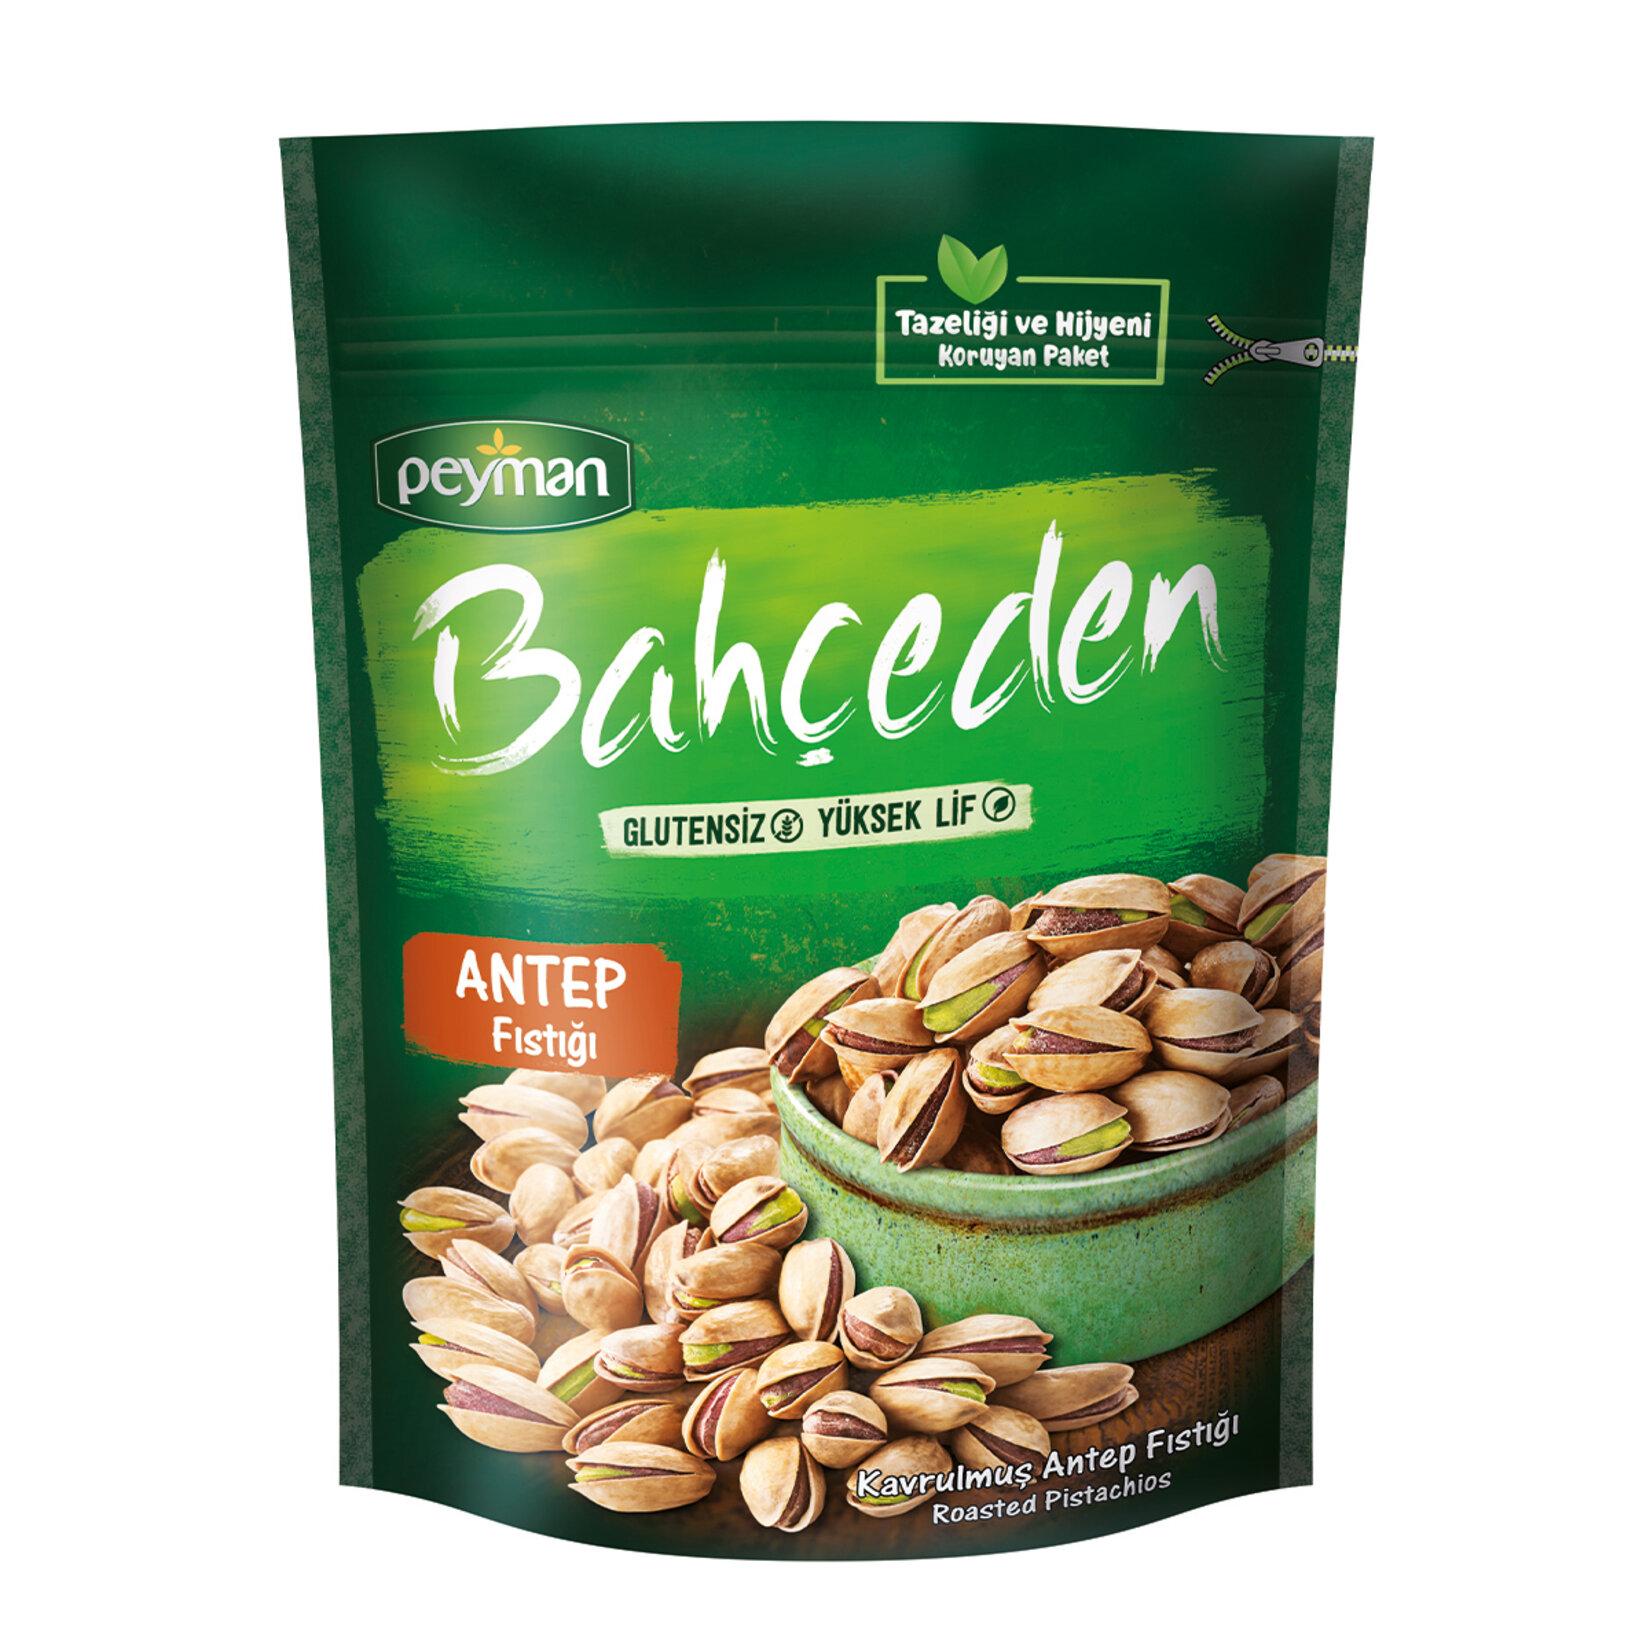 Peyman Bahceden Roasted Salted Pistachio Gluten Free 120 gr